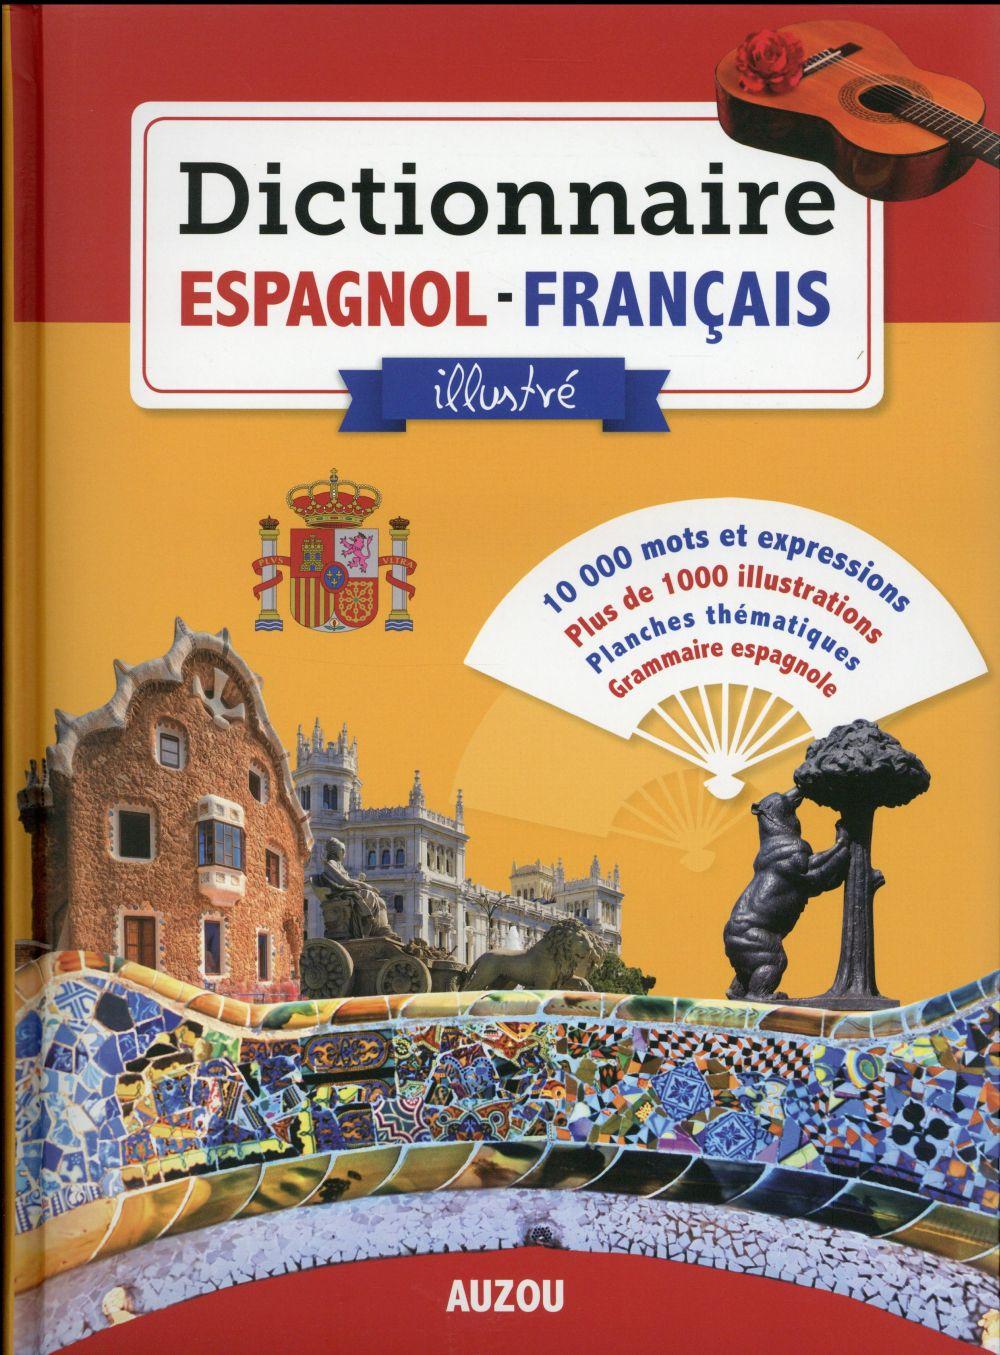 DICTIONNAIRE ESPAGNOL FRANCAIS ILLUSTRE 2016